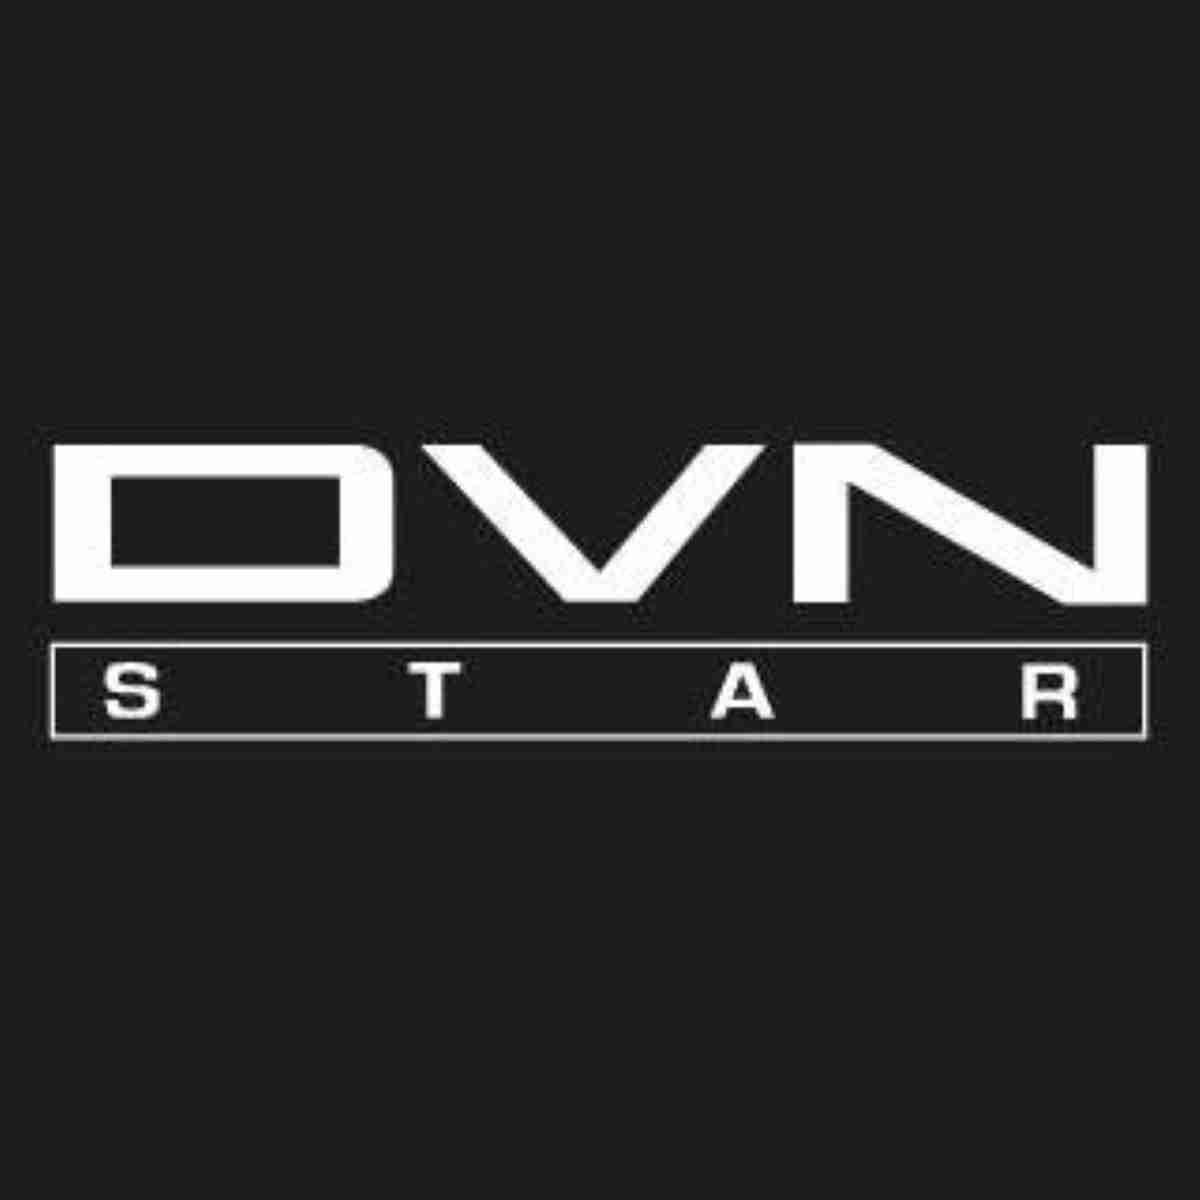 divani star colabora confeccionando batas y mascarillas